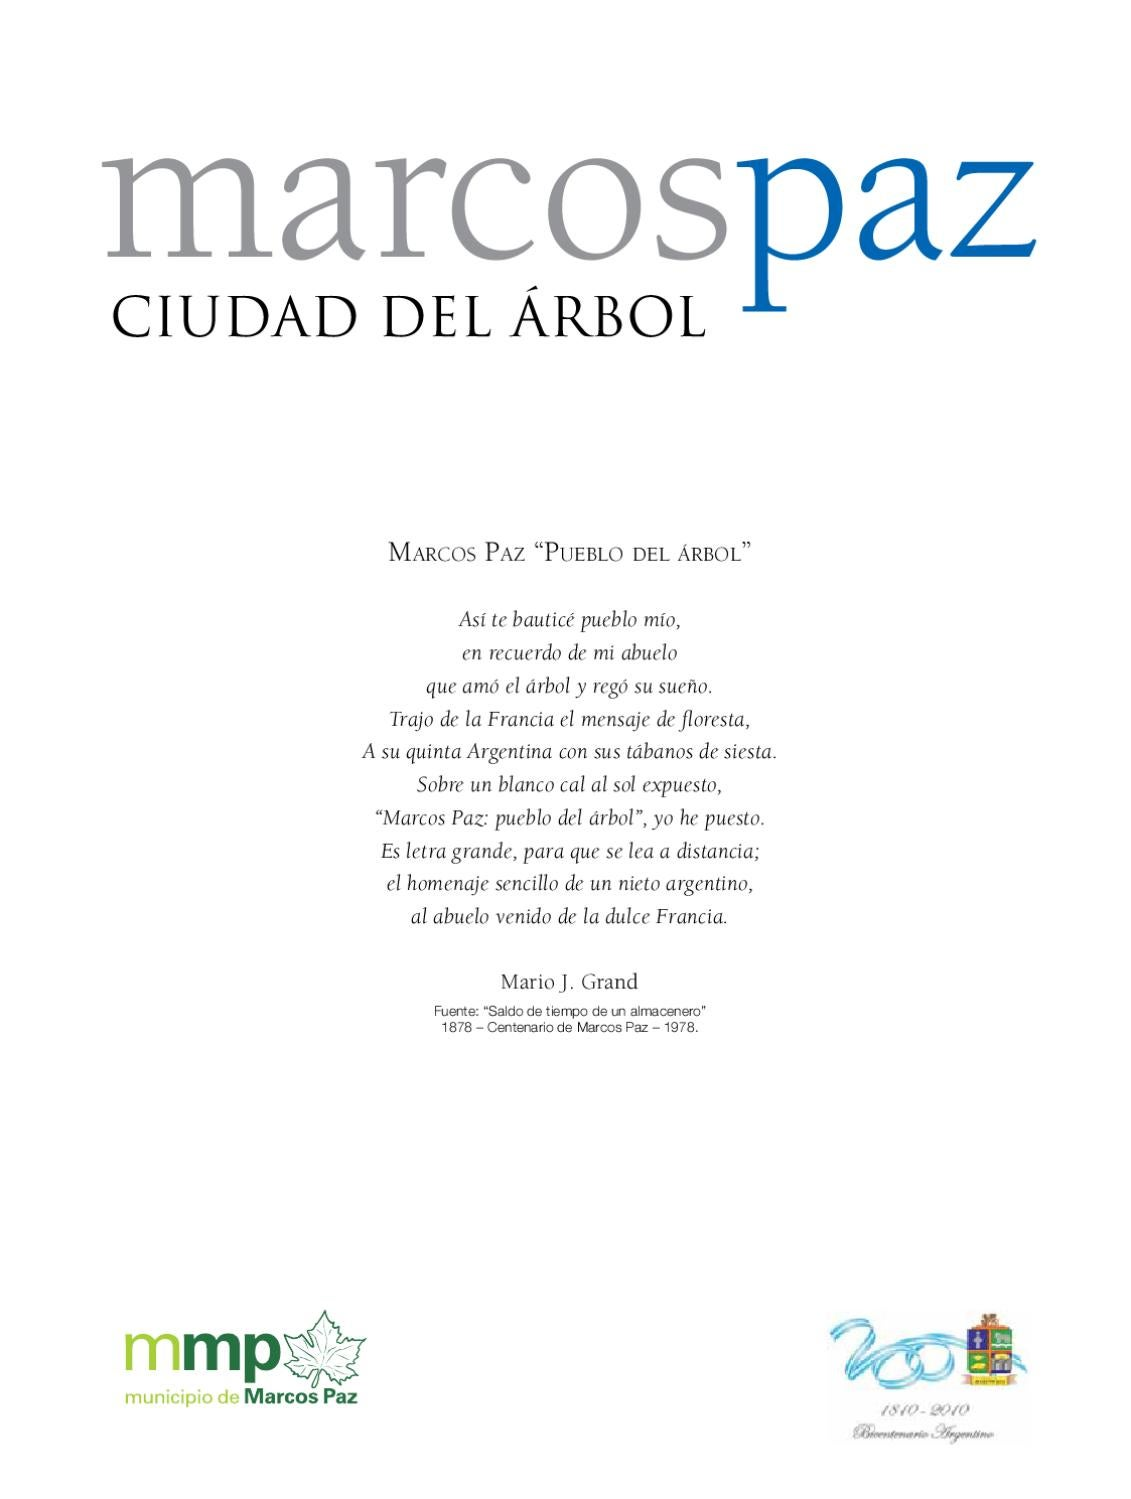 Marcos Paz Ciudad del Arbol by Sebastian Stupenengo - issuu